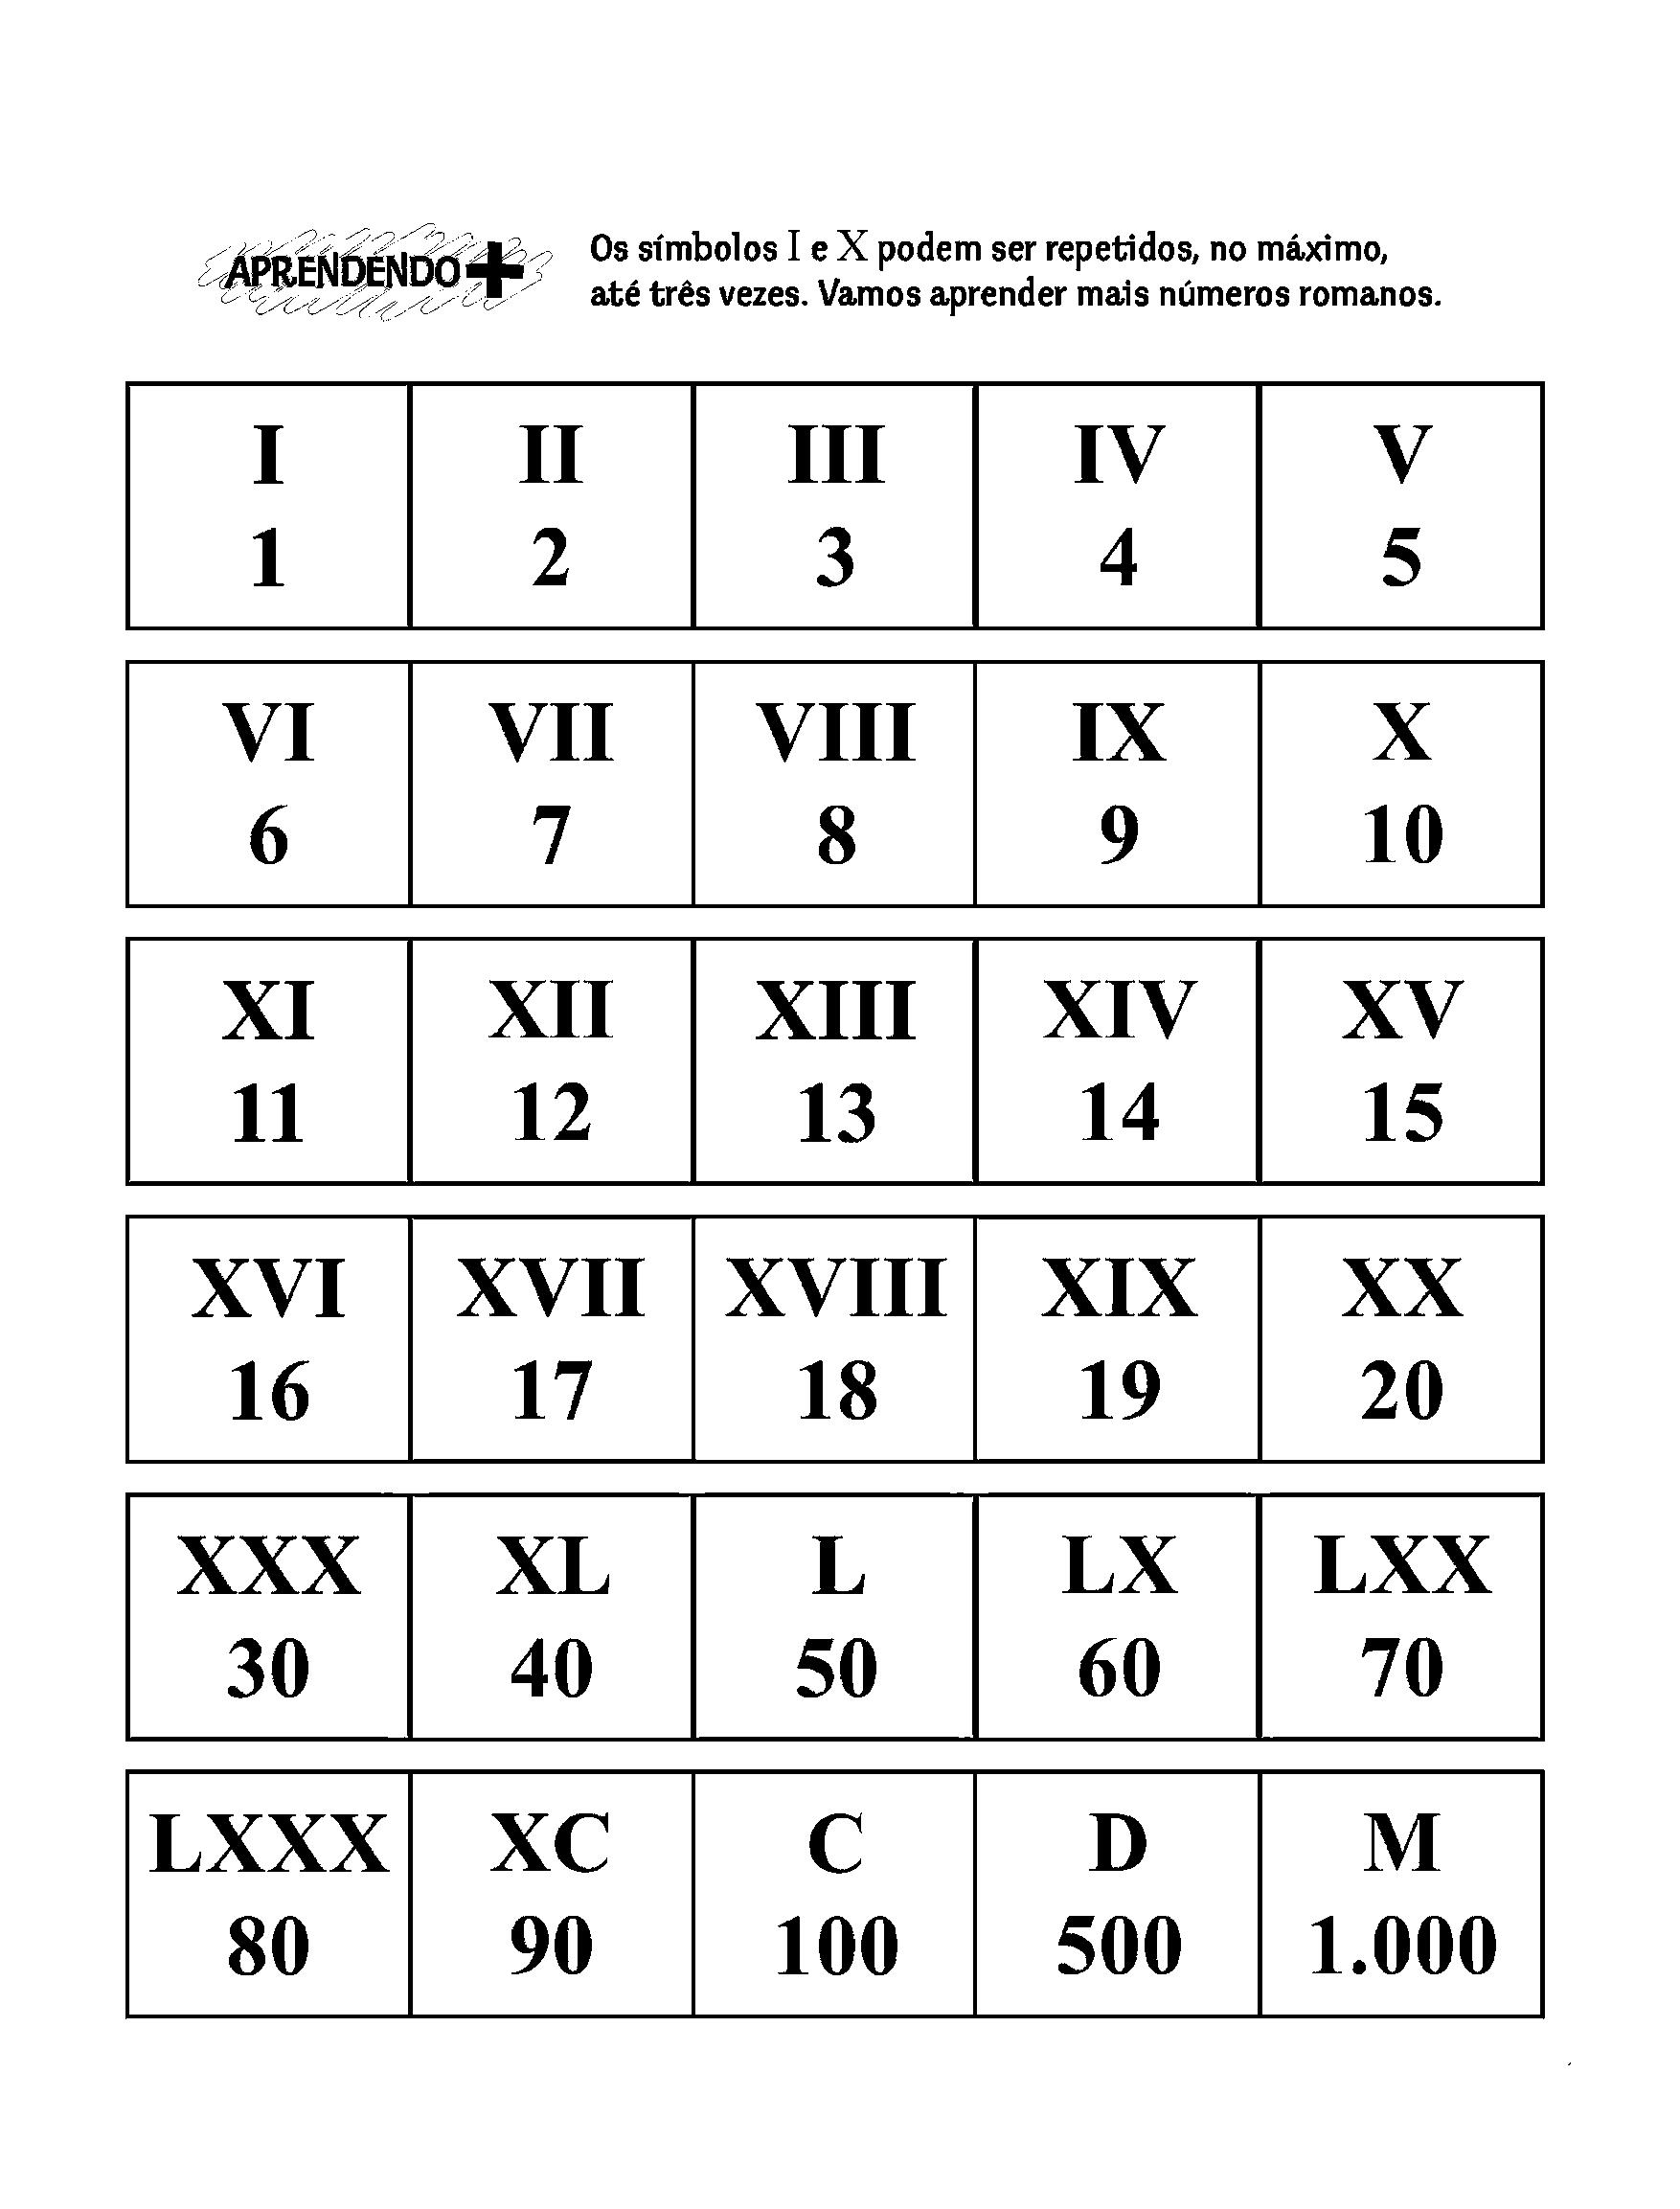 Sistema de Numeração Romano - Símbolos